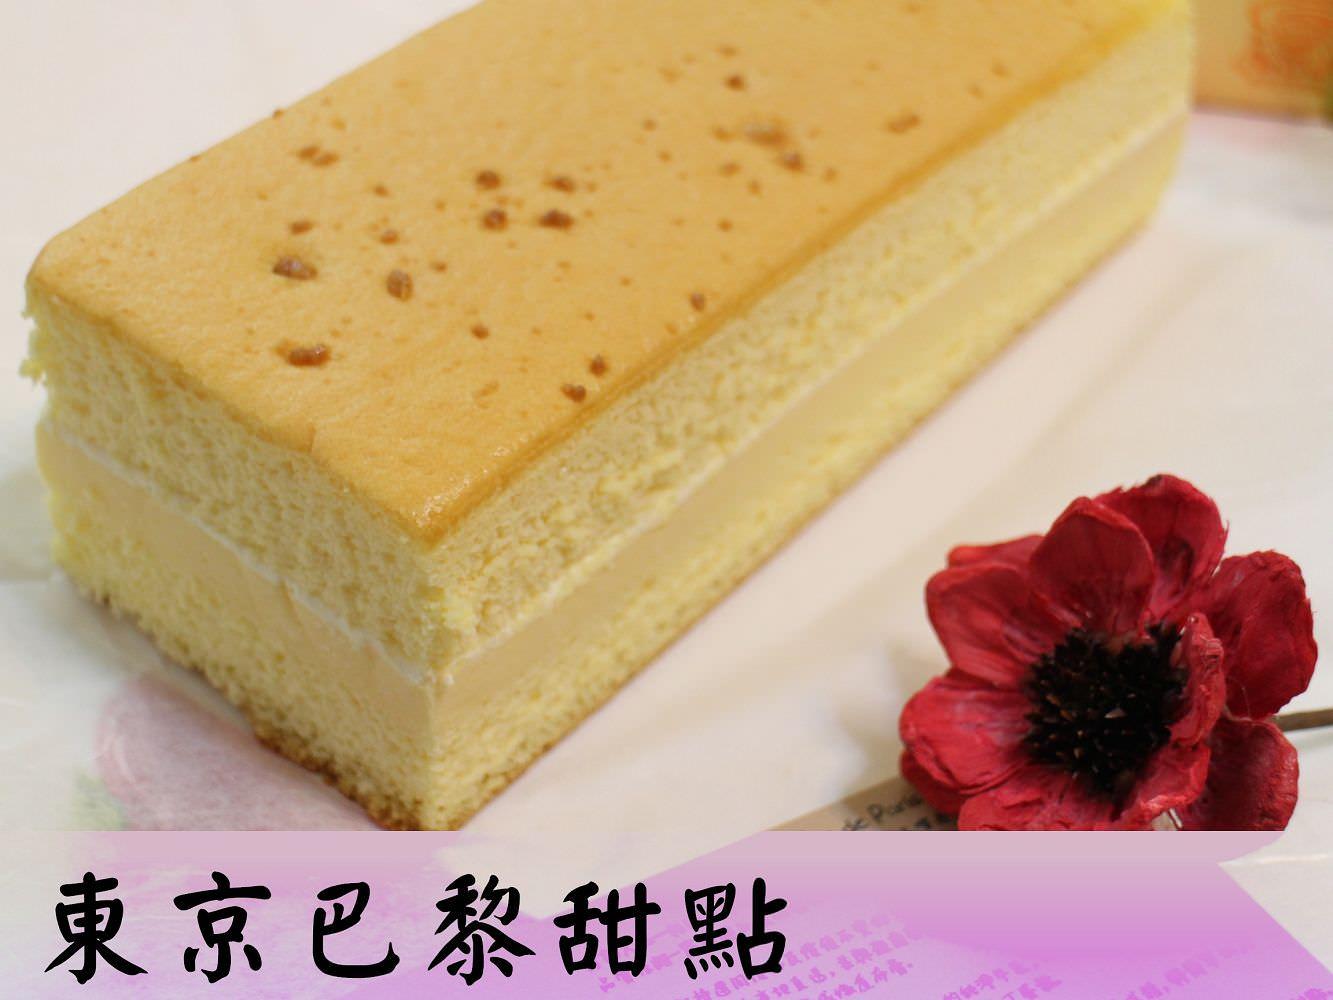 好吃蛋糕推薦︱東京巴黎甜點-巴黎燒燉布蕾:像冰淇淋又像布丁的雙重口感!!